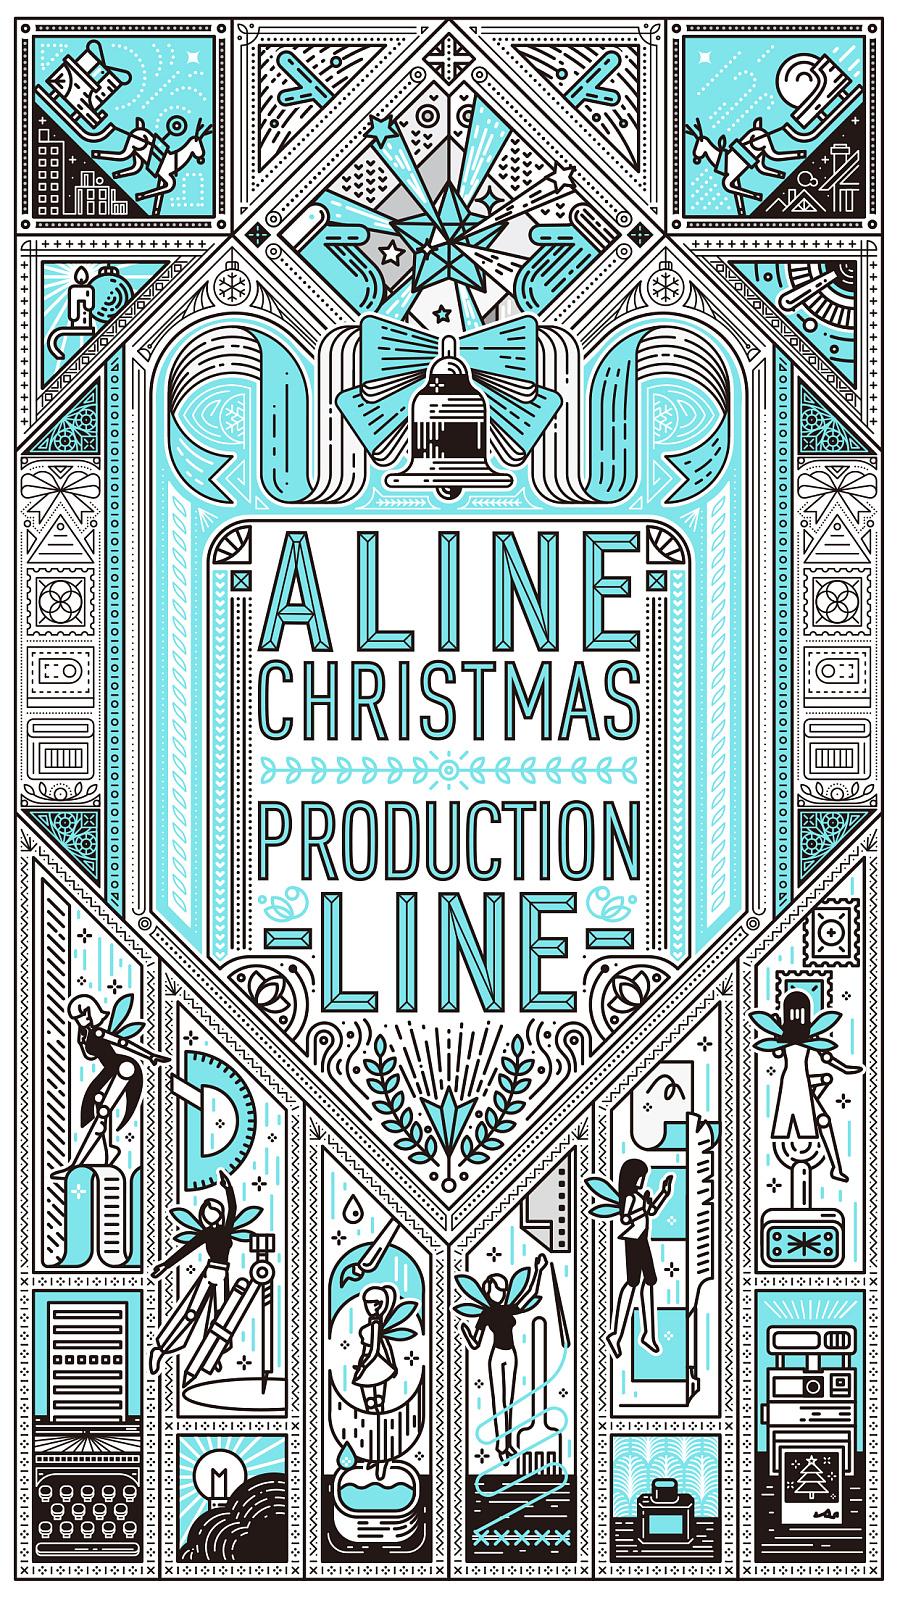 查看《海报练习-|ALINE圣诞星工厂|圣诞快乐》原图,原图尺寸:1242x2208